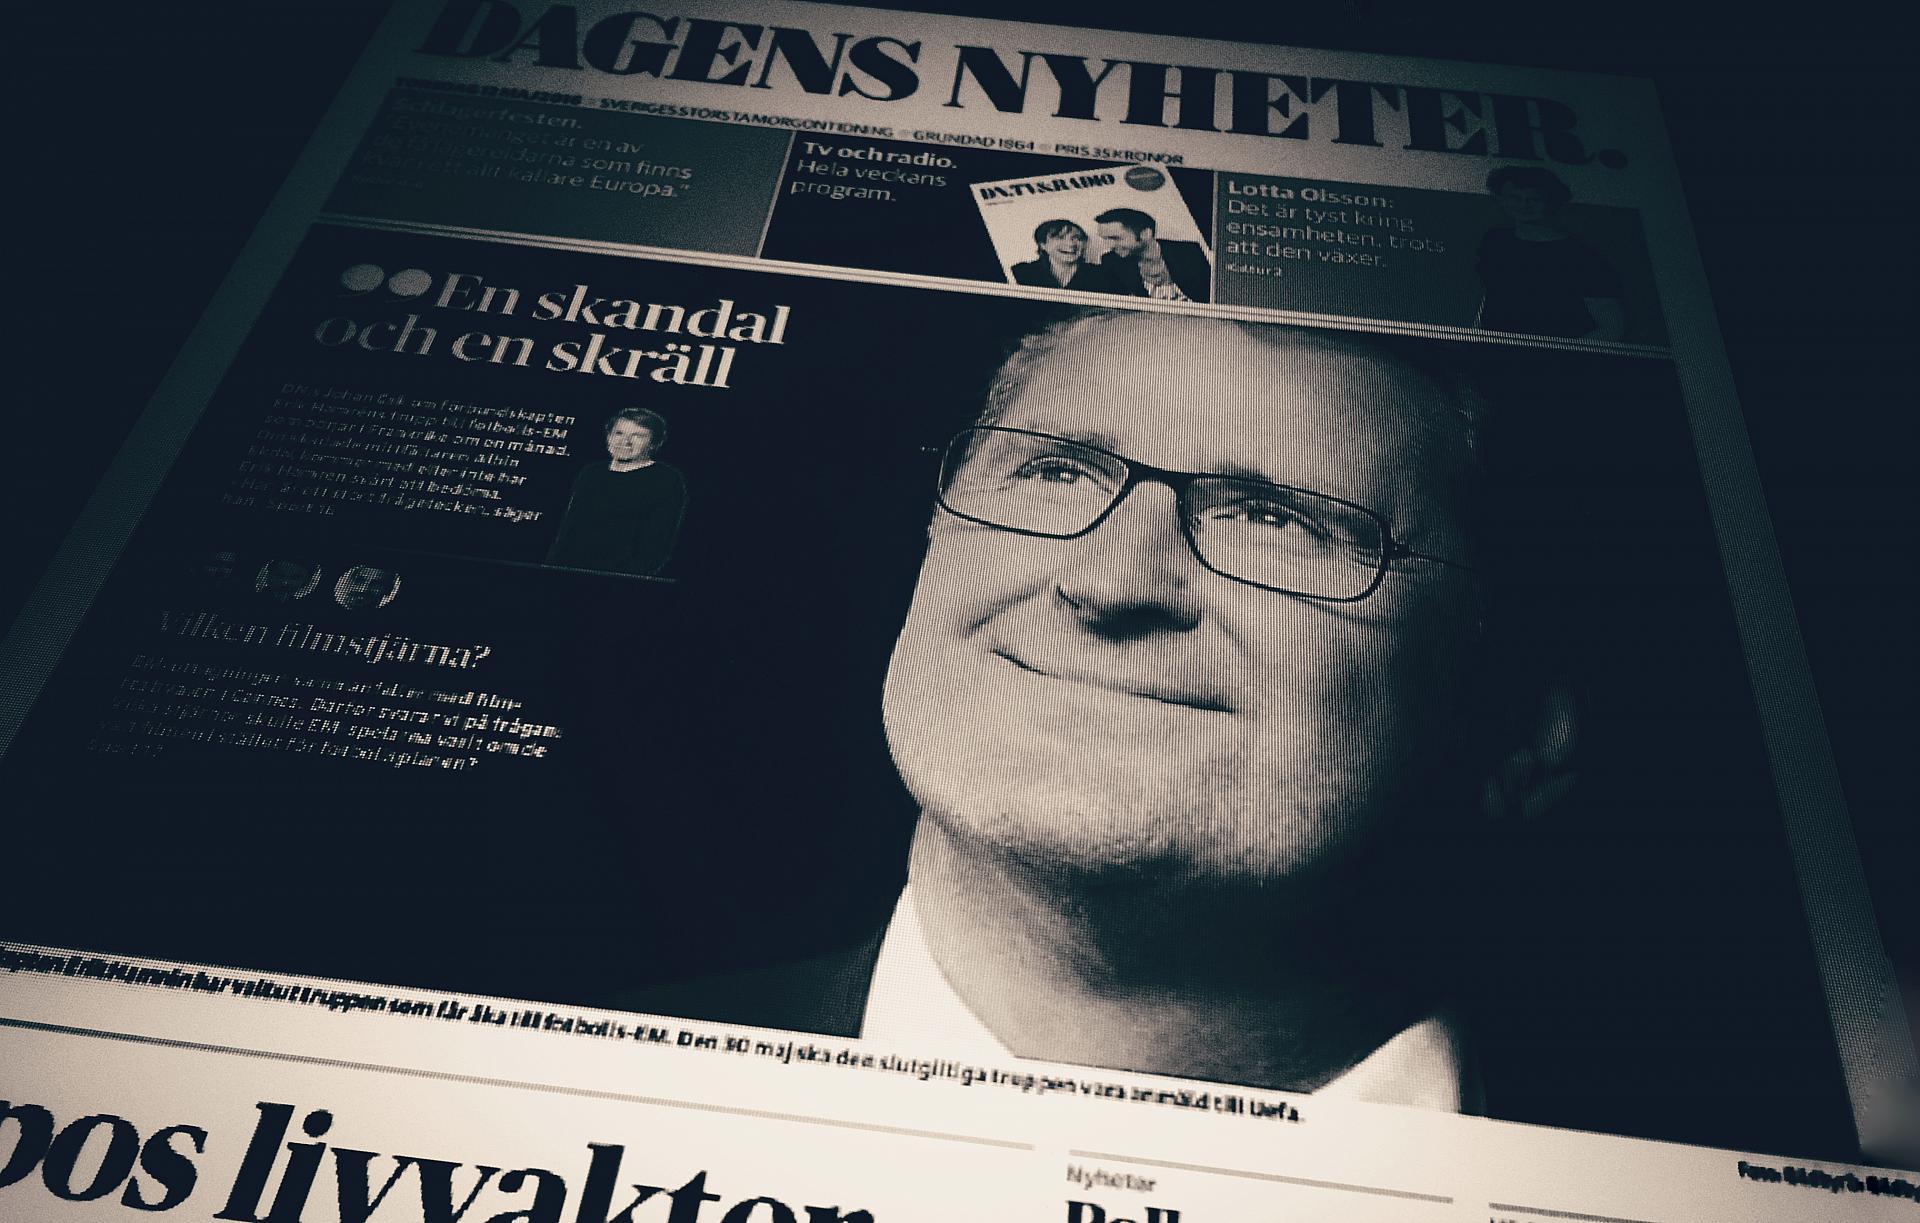 Den totala upplagan for svensk dagspress okar